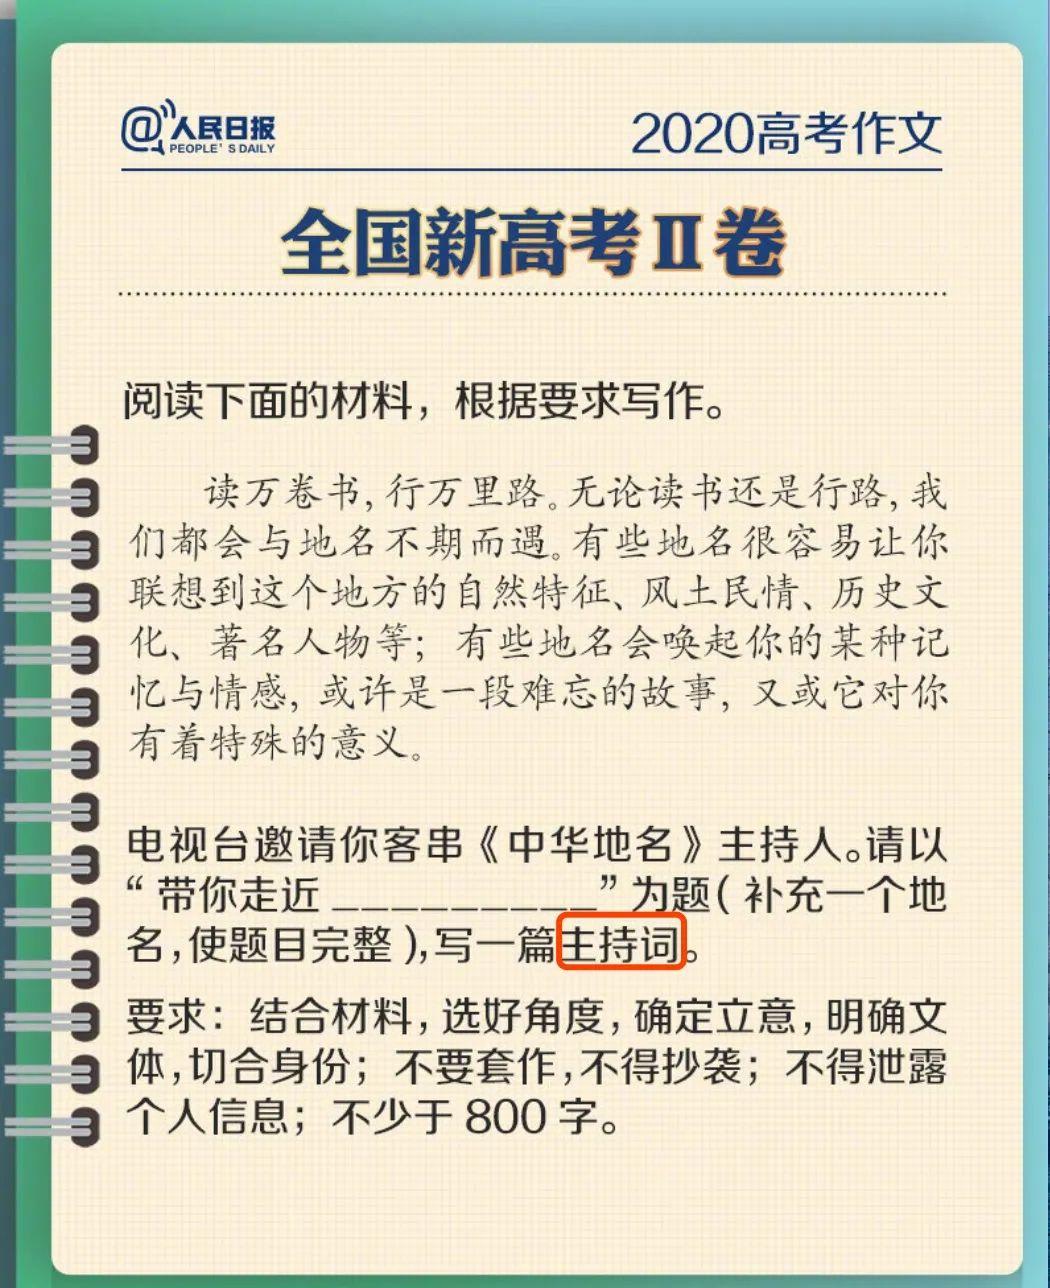 【天津夜趣导航诊断】_敬一丹:当高考作文遇到媒体类体裁